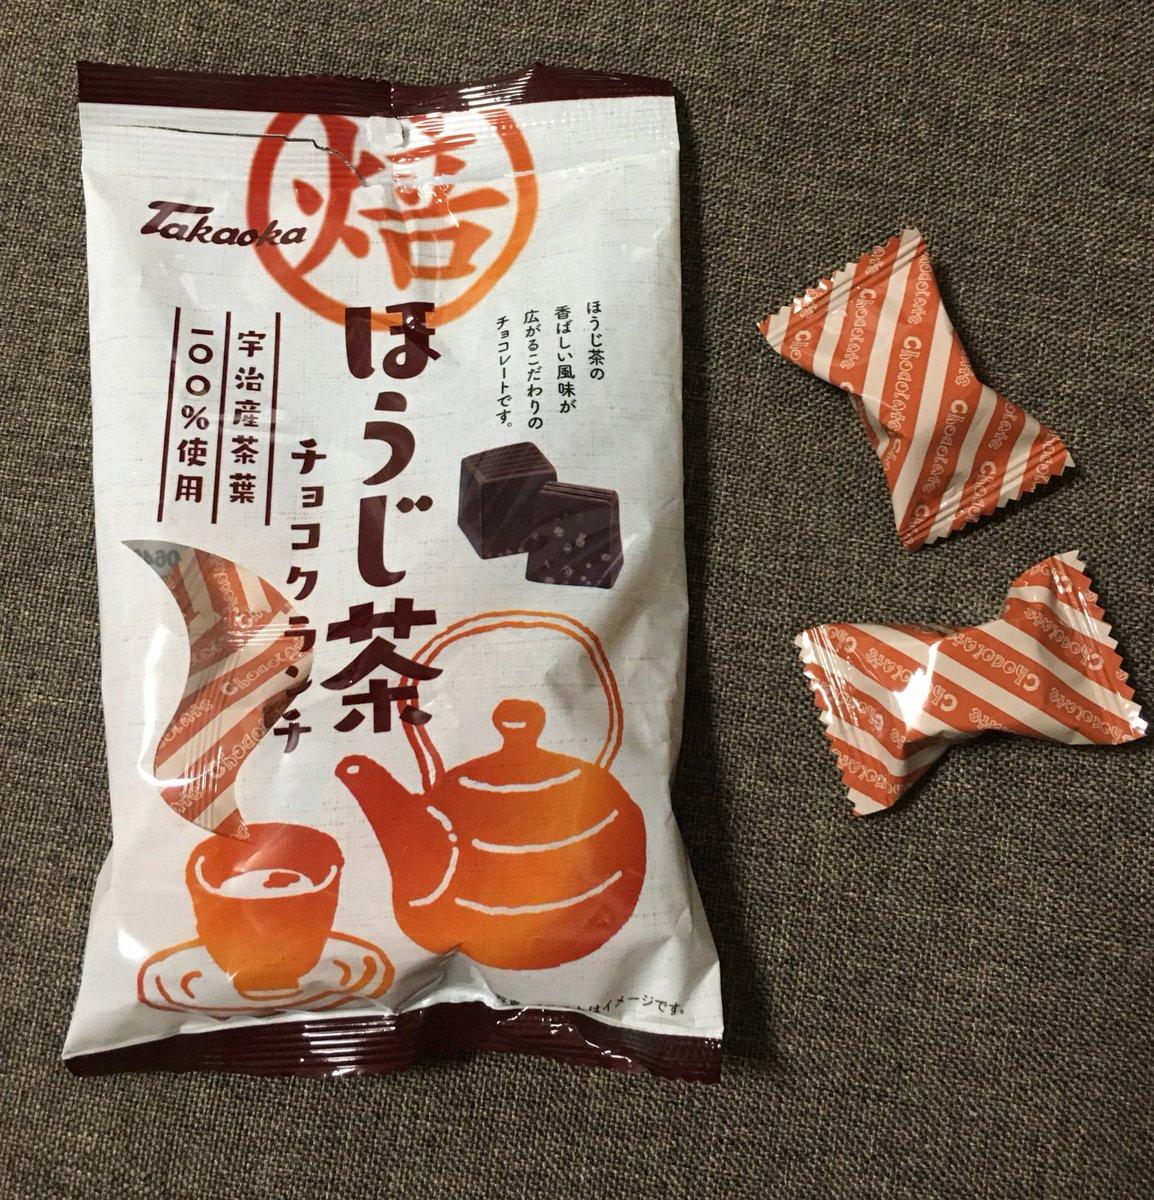 test ツイッターメディア - ダイソーに売ってた「ほうじ茶チョコクランチ」入ってる数は少ないけど美味しい!また買おうっ✨ #ほうじ茶 #ダイソー https://t.co/wFrw8zR9ag